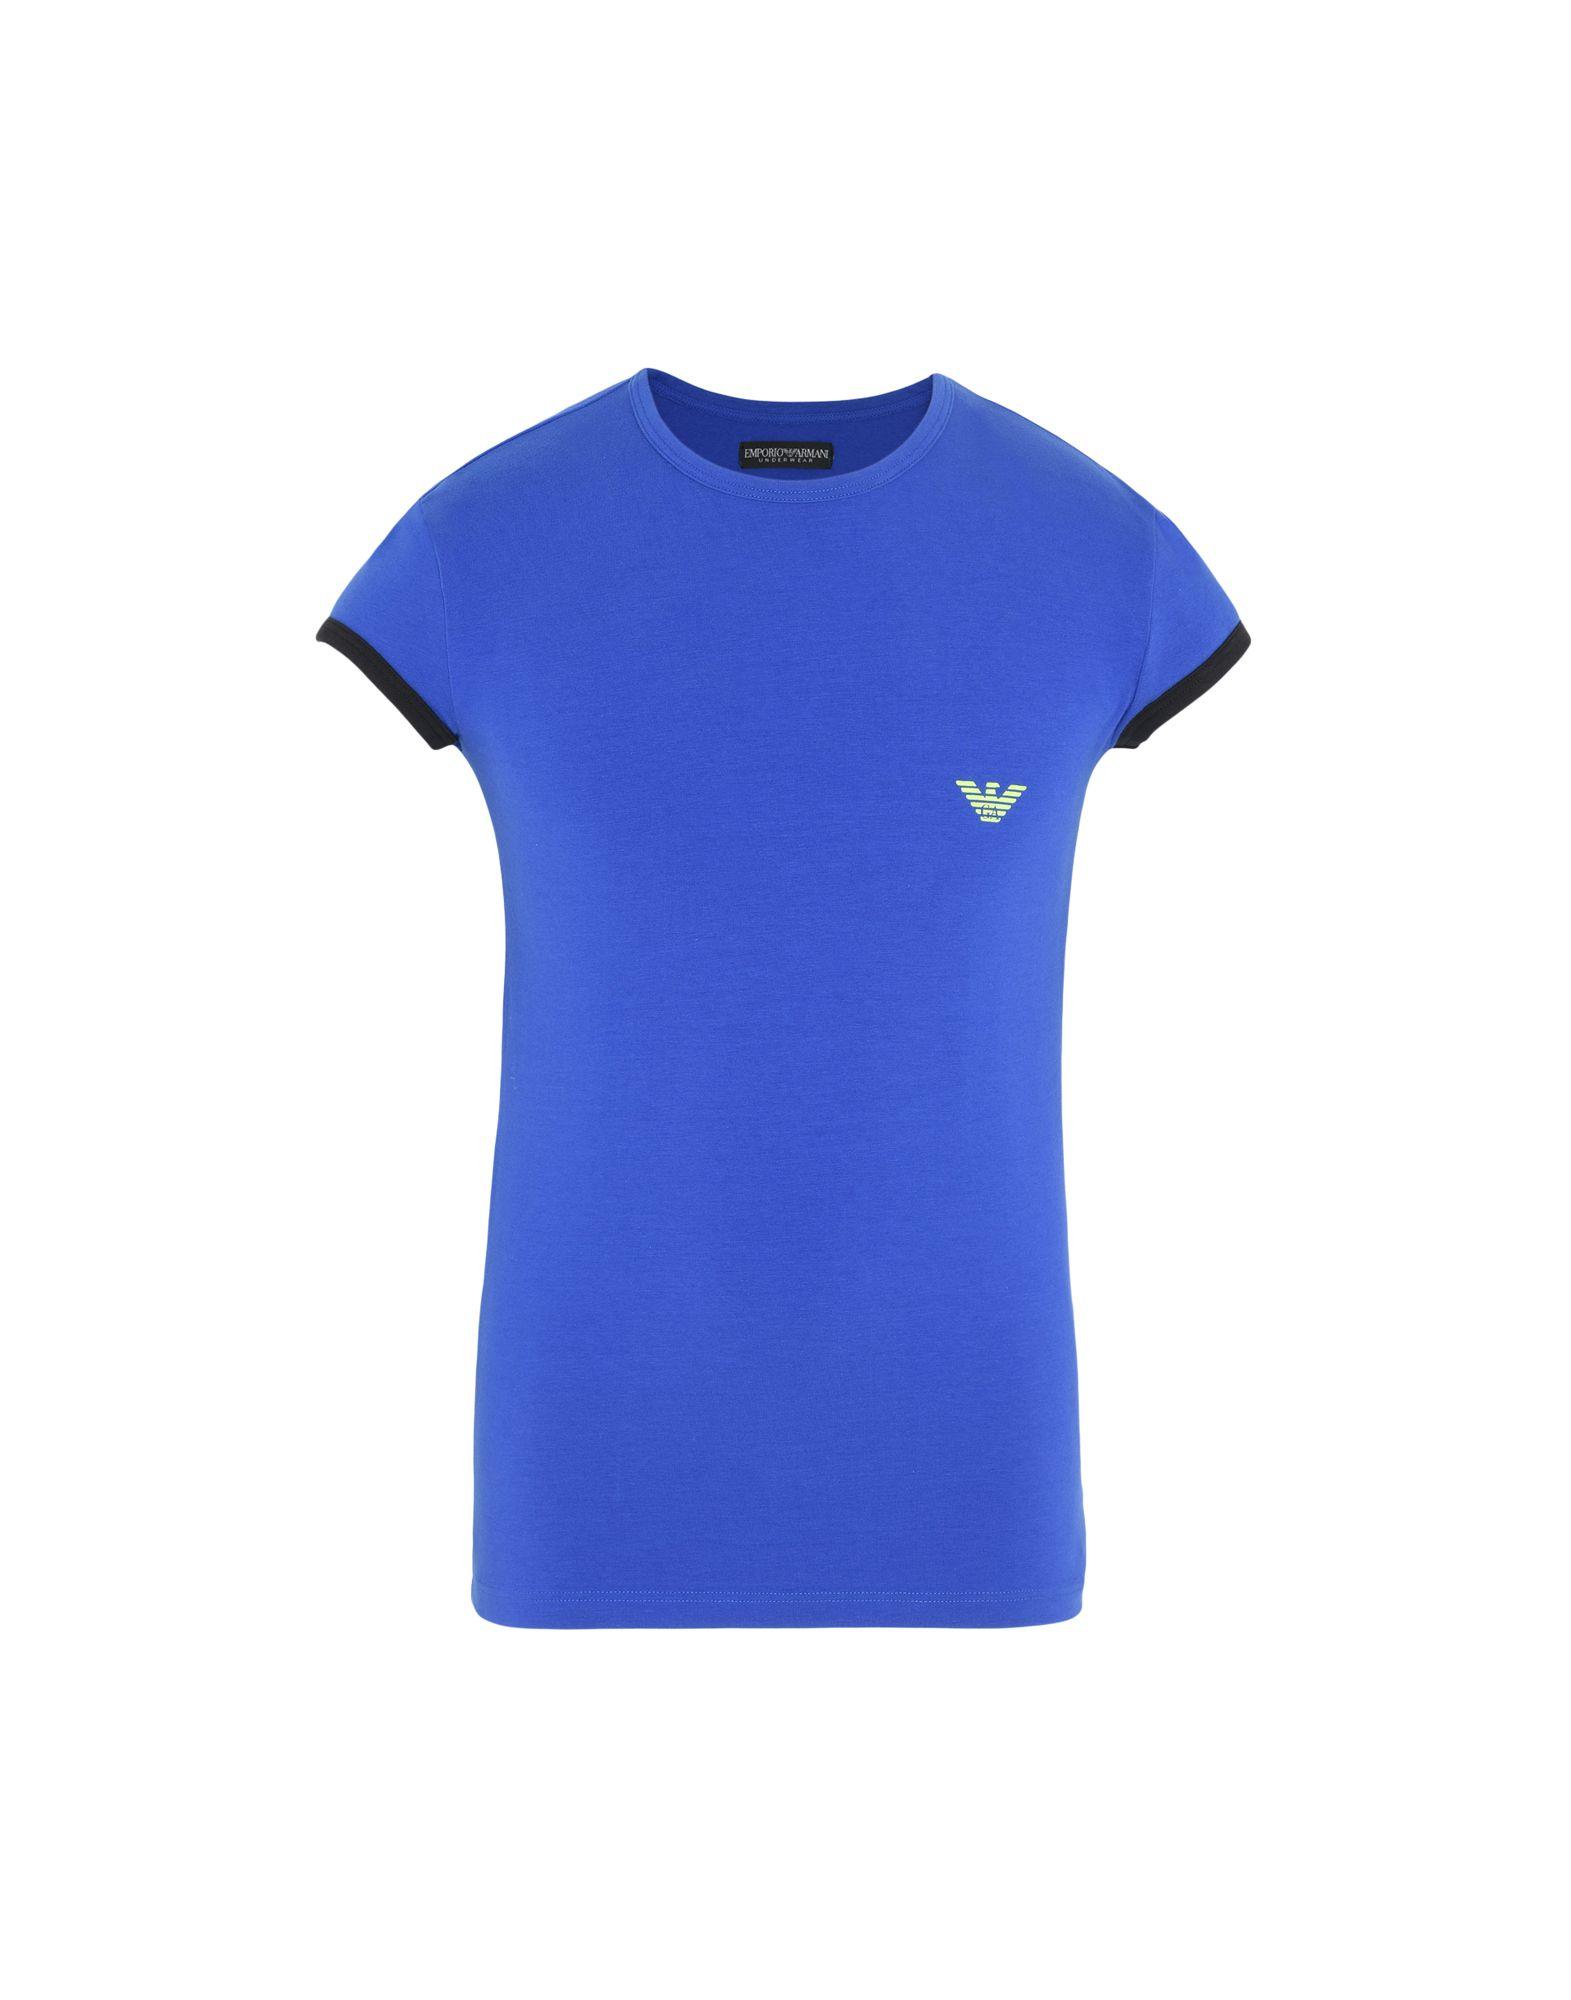 《期間限定セール開催中!》EMPORIO ARMANI メンズ アンダーTシャツ ブルー S コットン 90% / ポリウレタン 10% MEN'S KNIT T-SHIRT